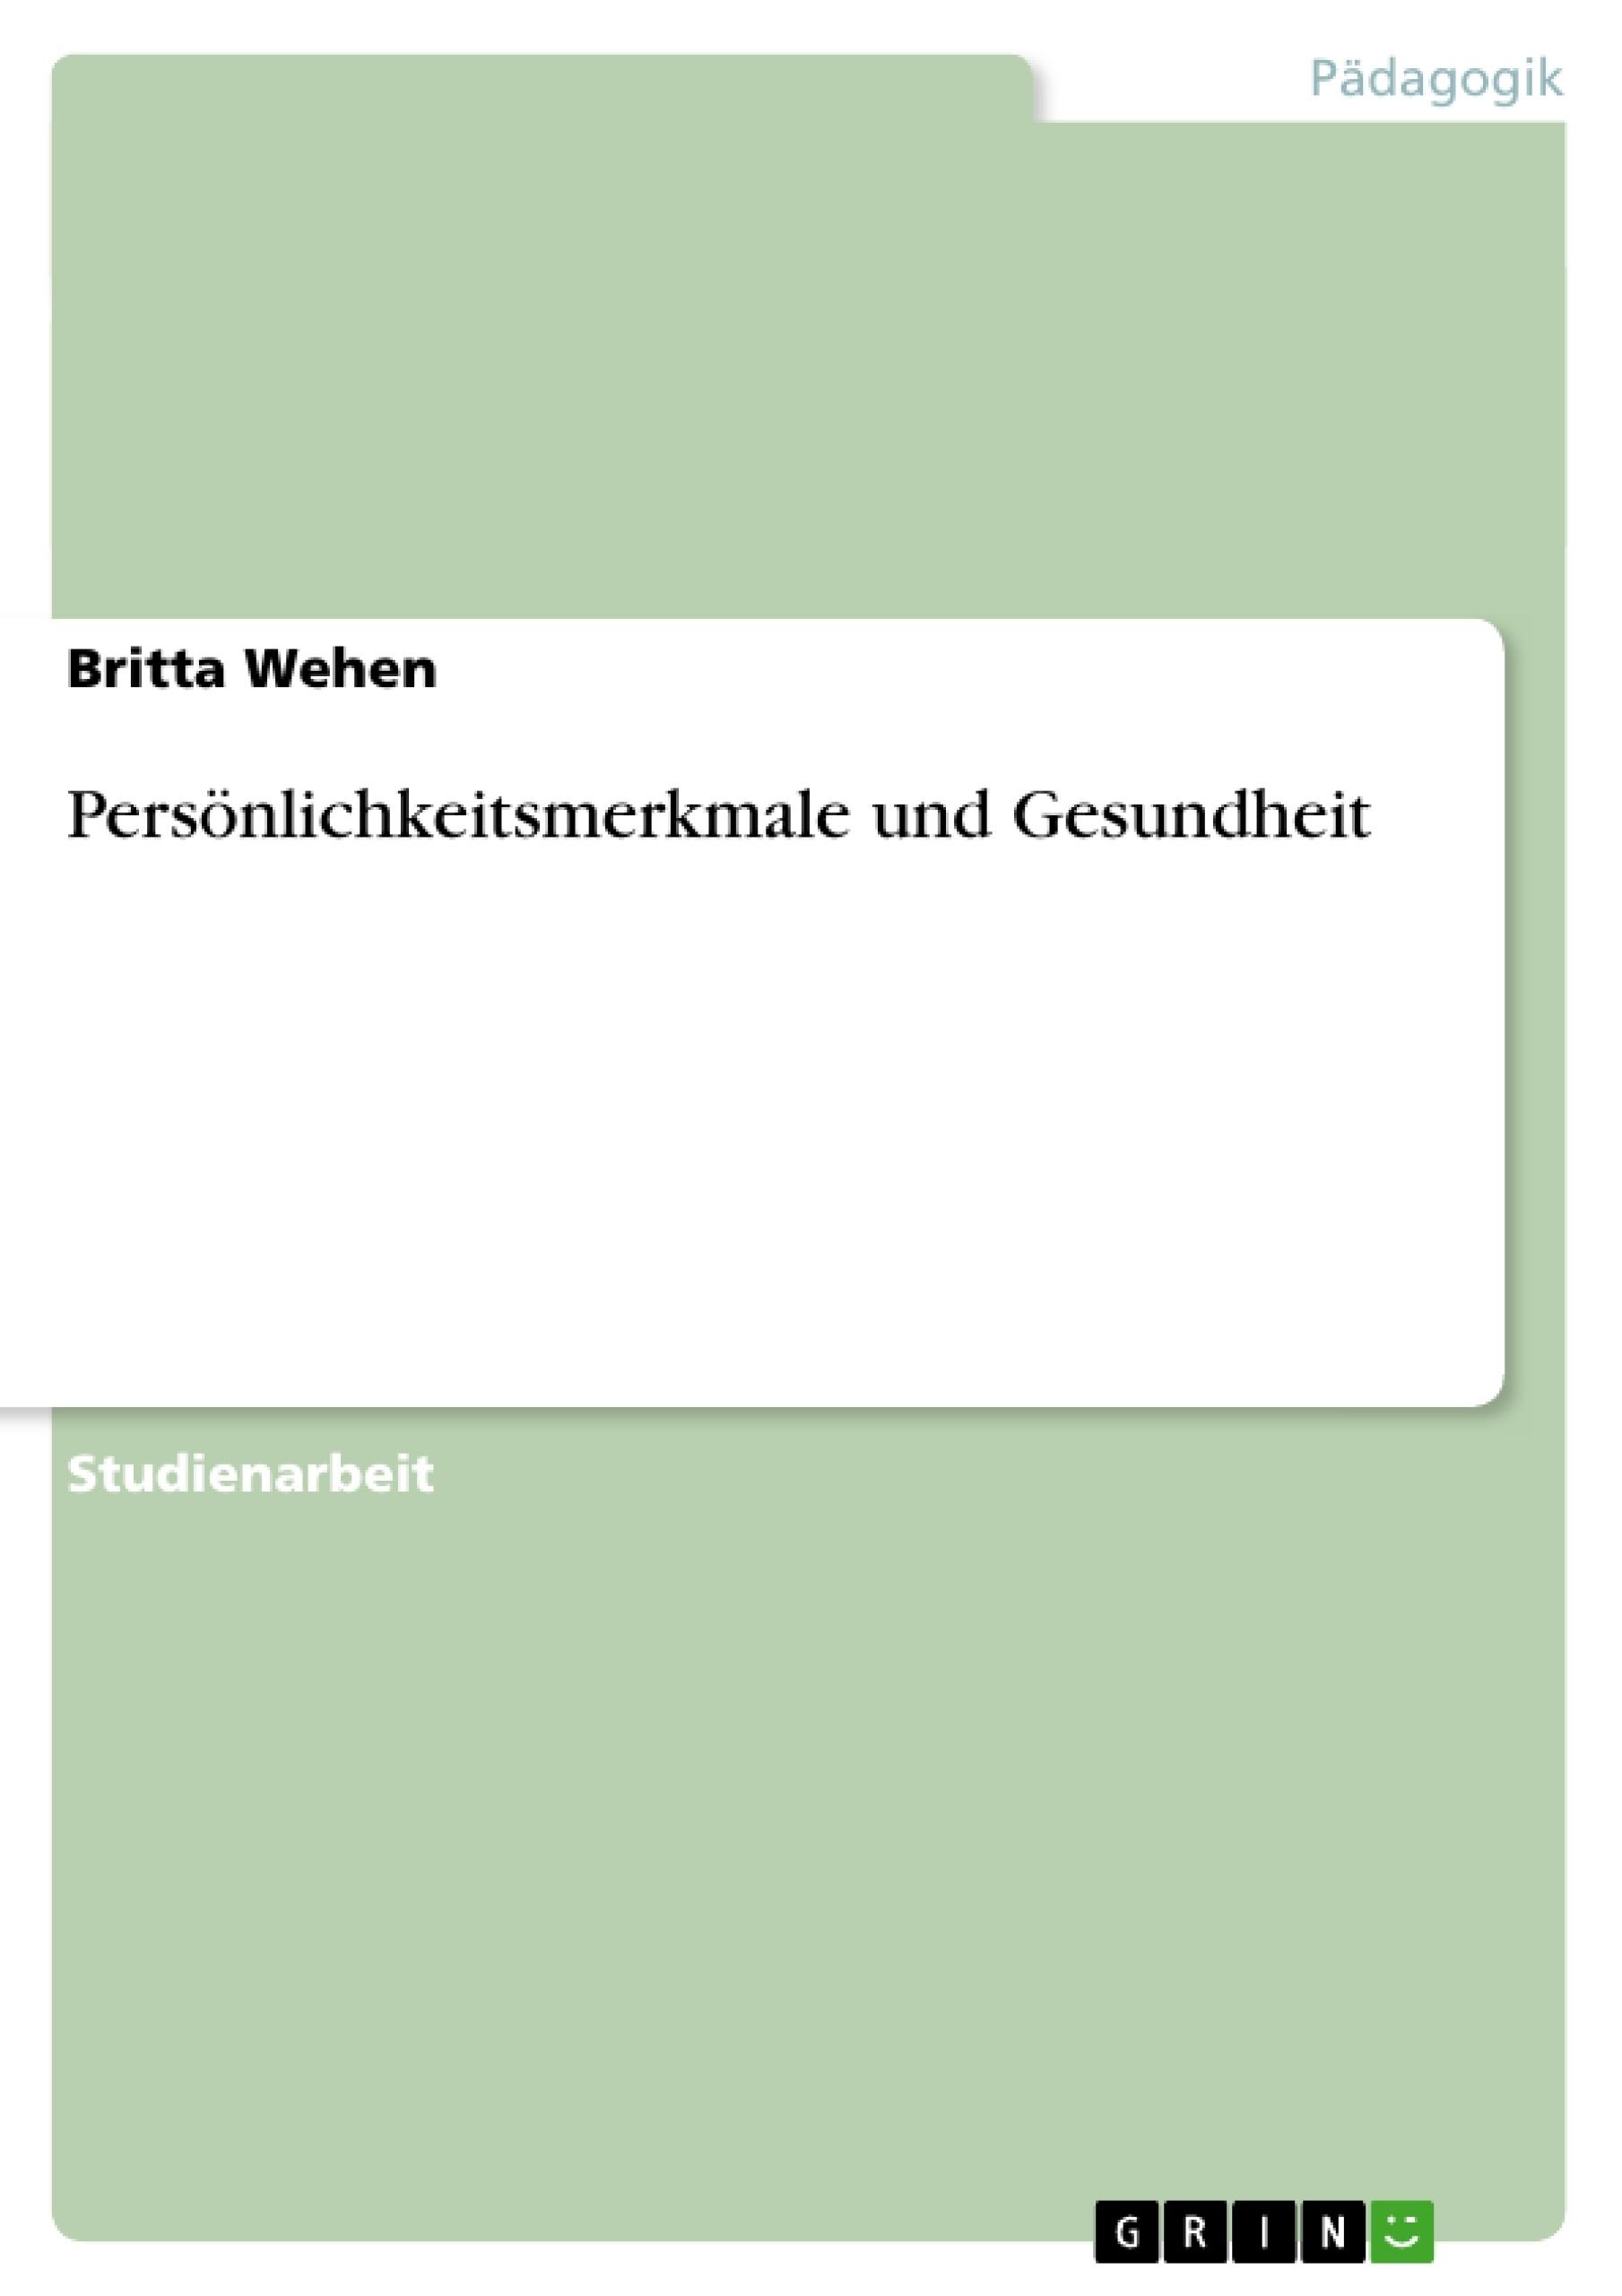 Titel: Persönlichkeitsmerkmale und Gesundheit